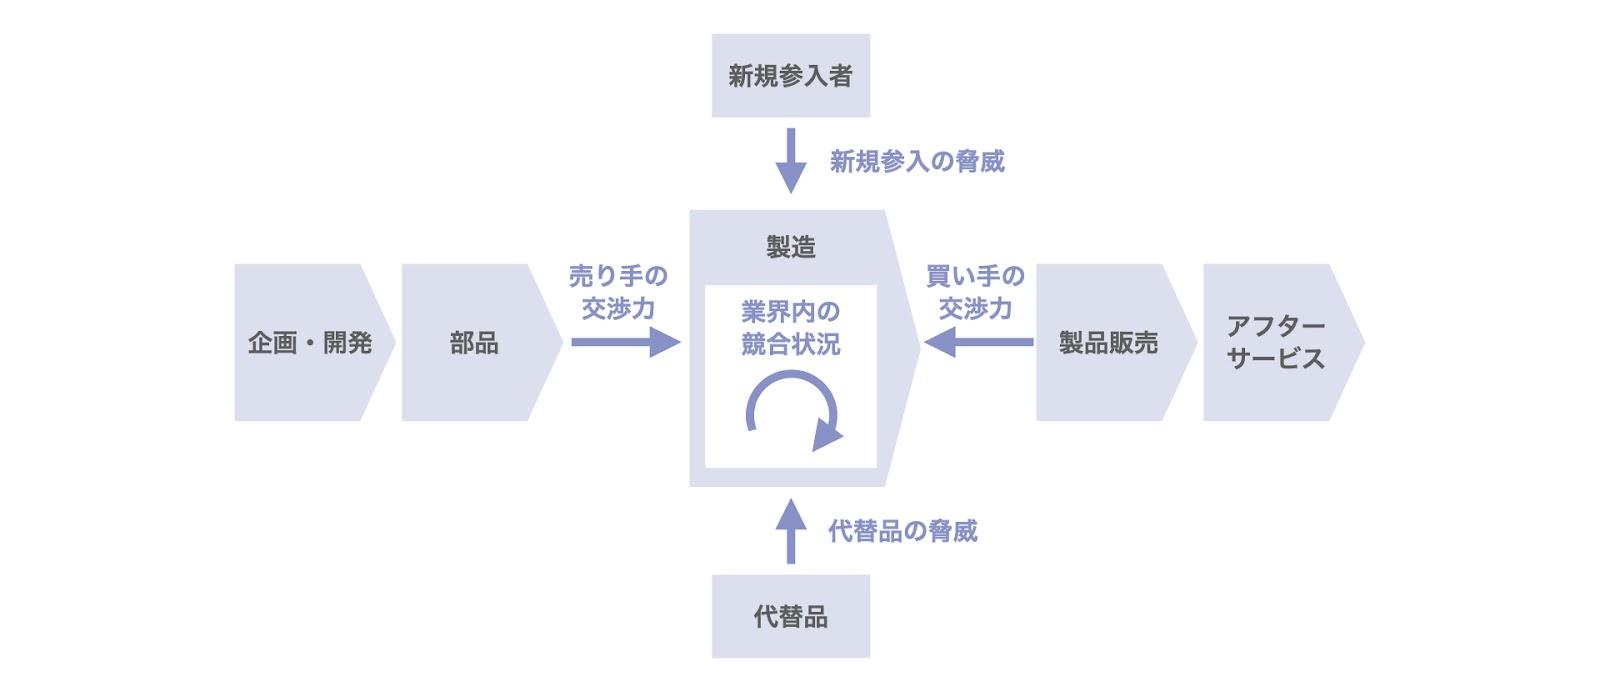 ファイブフォース分析とバリューチェーン